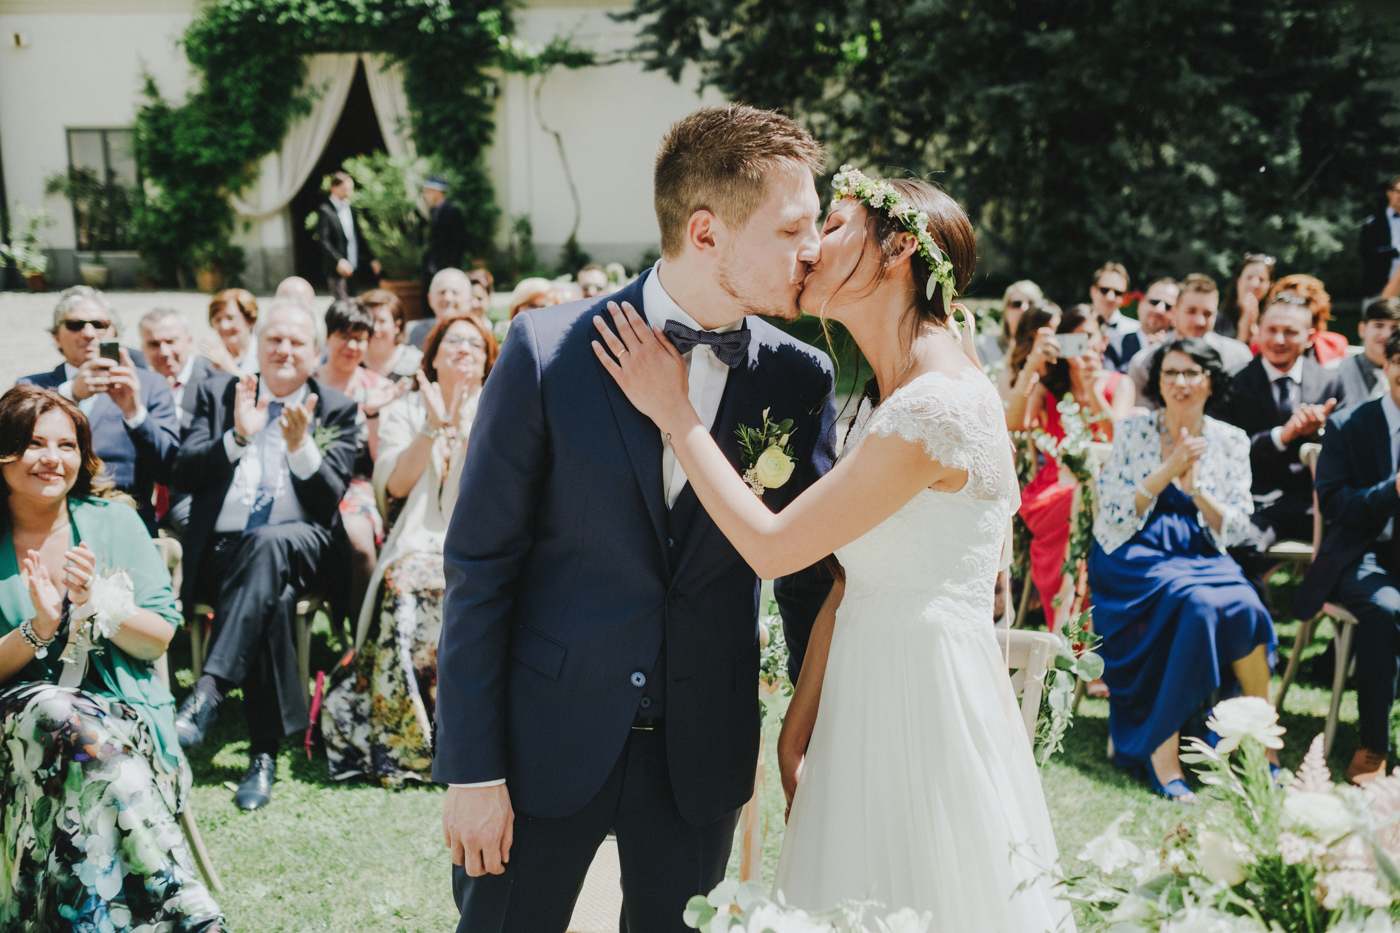 fotografo matrimonio como-55.jpg